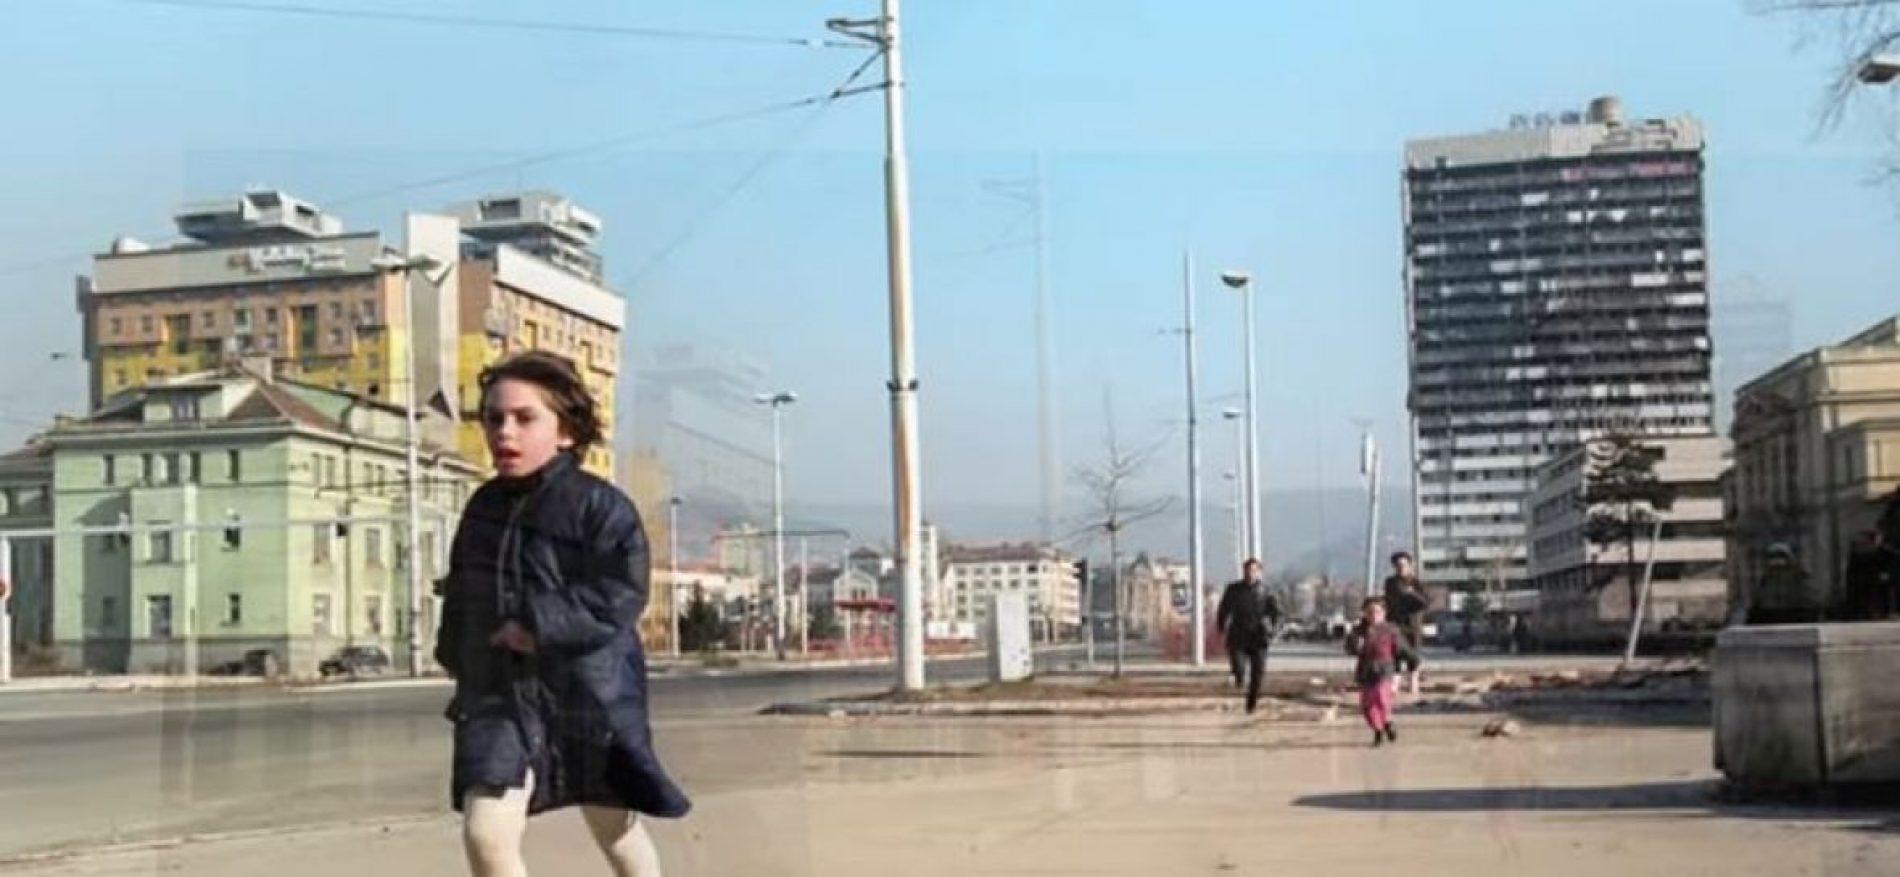 Kako je Beograd još 1984. radio studiju o tome koliko Sarajevo može opstati pod opsadom (Video)